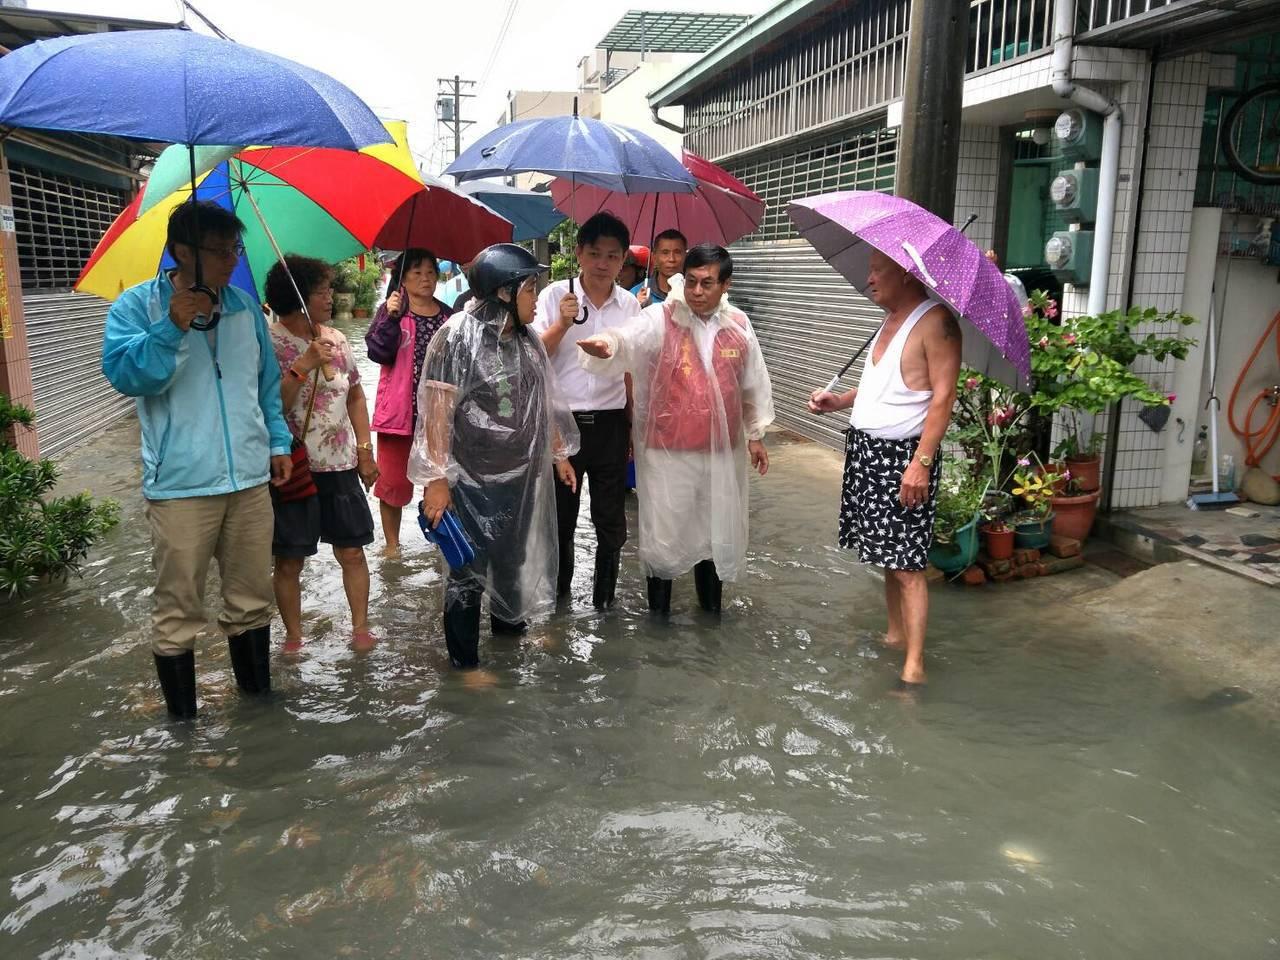 嘉義市政府說,本月24日上午接獲嘉義市紅瓦里有積水情況,因周遭農田已積滿水,遂透...